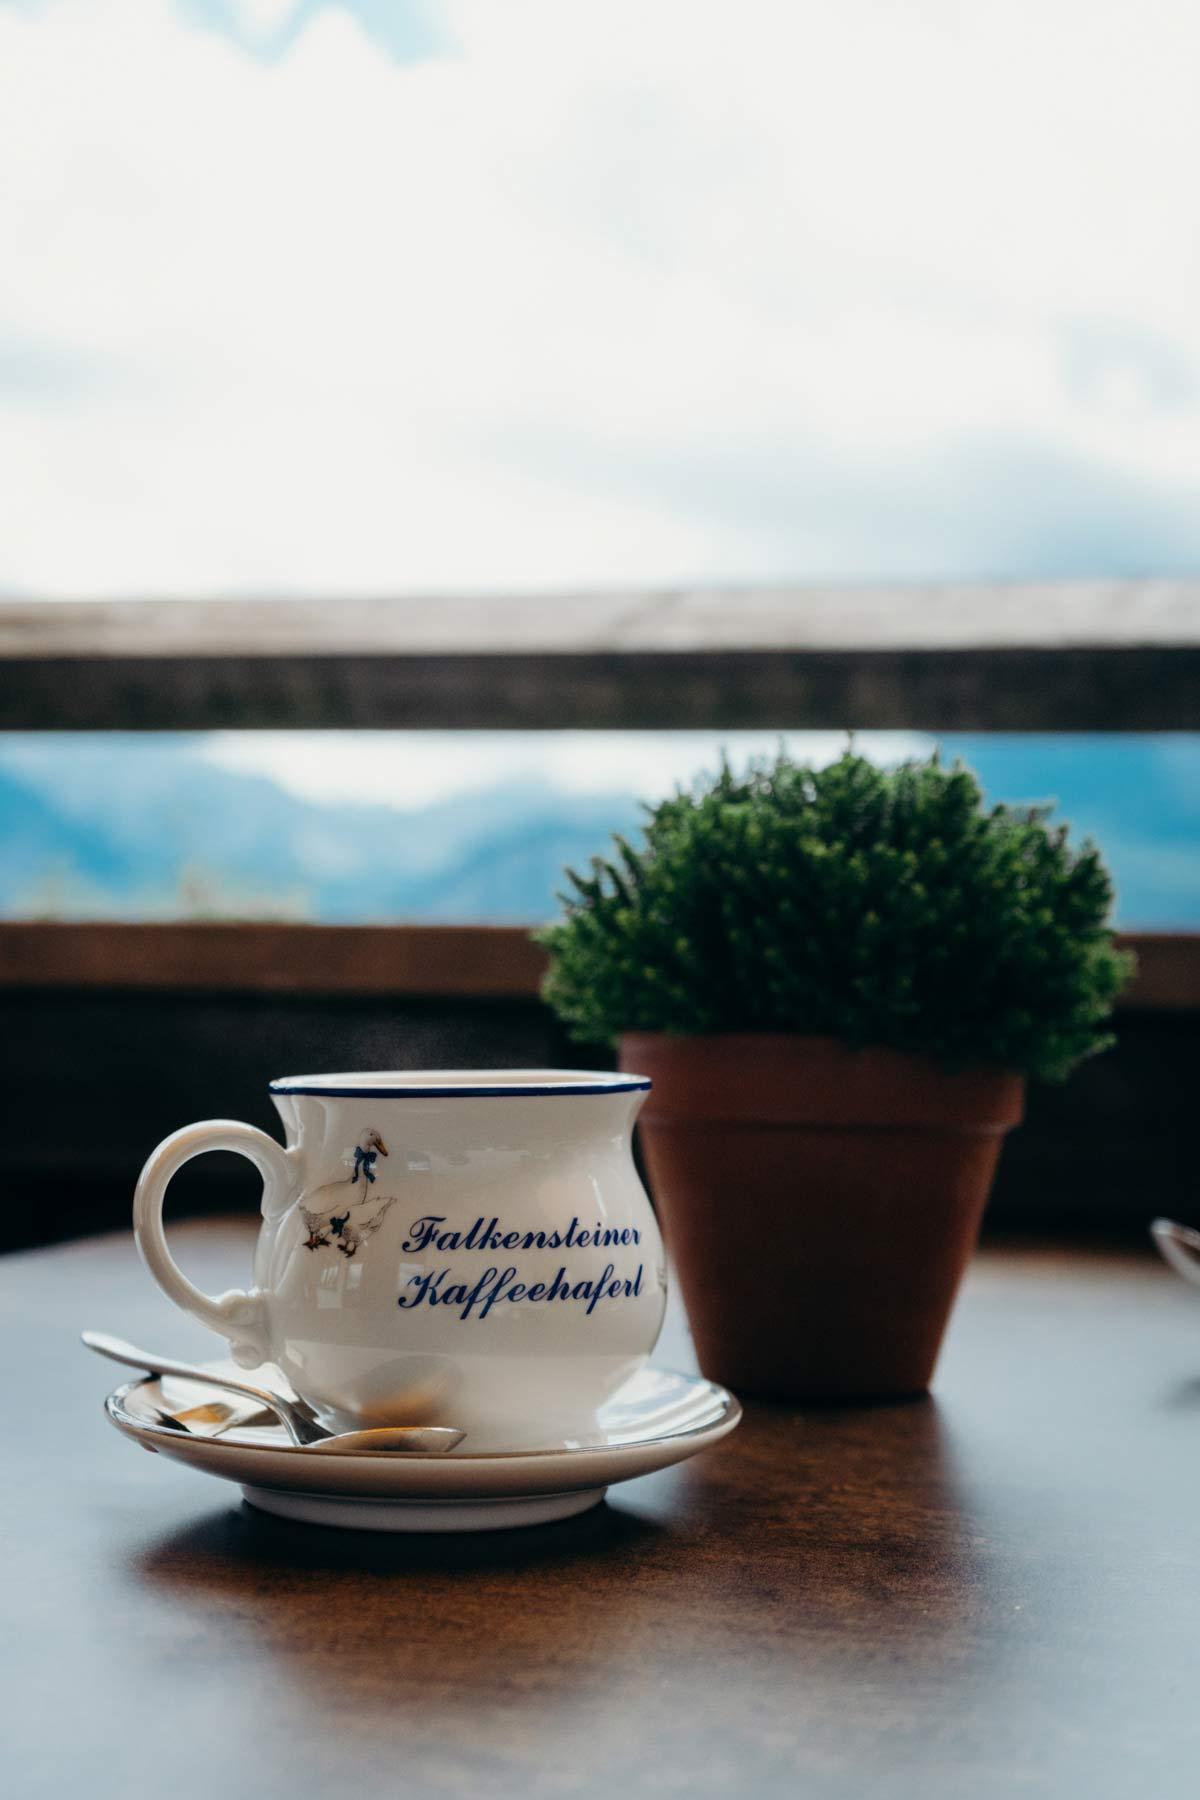 Falkensteiner Kaffeehaferl